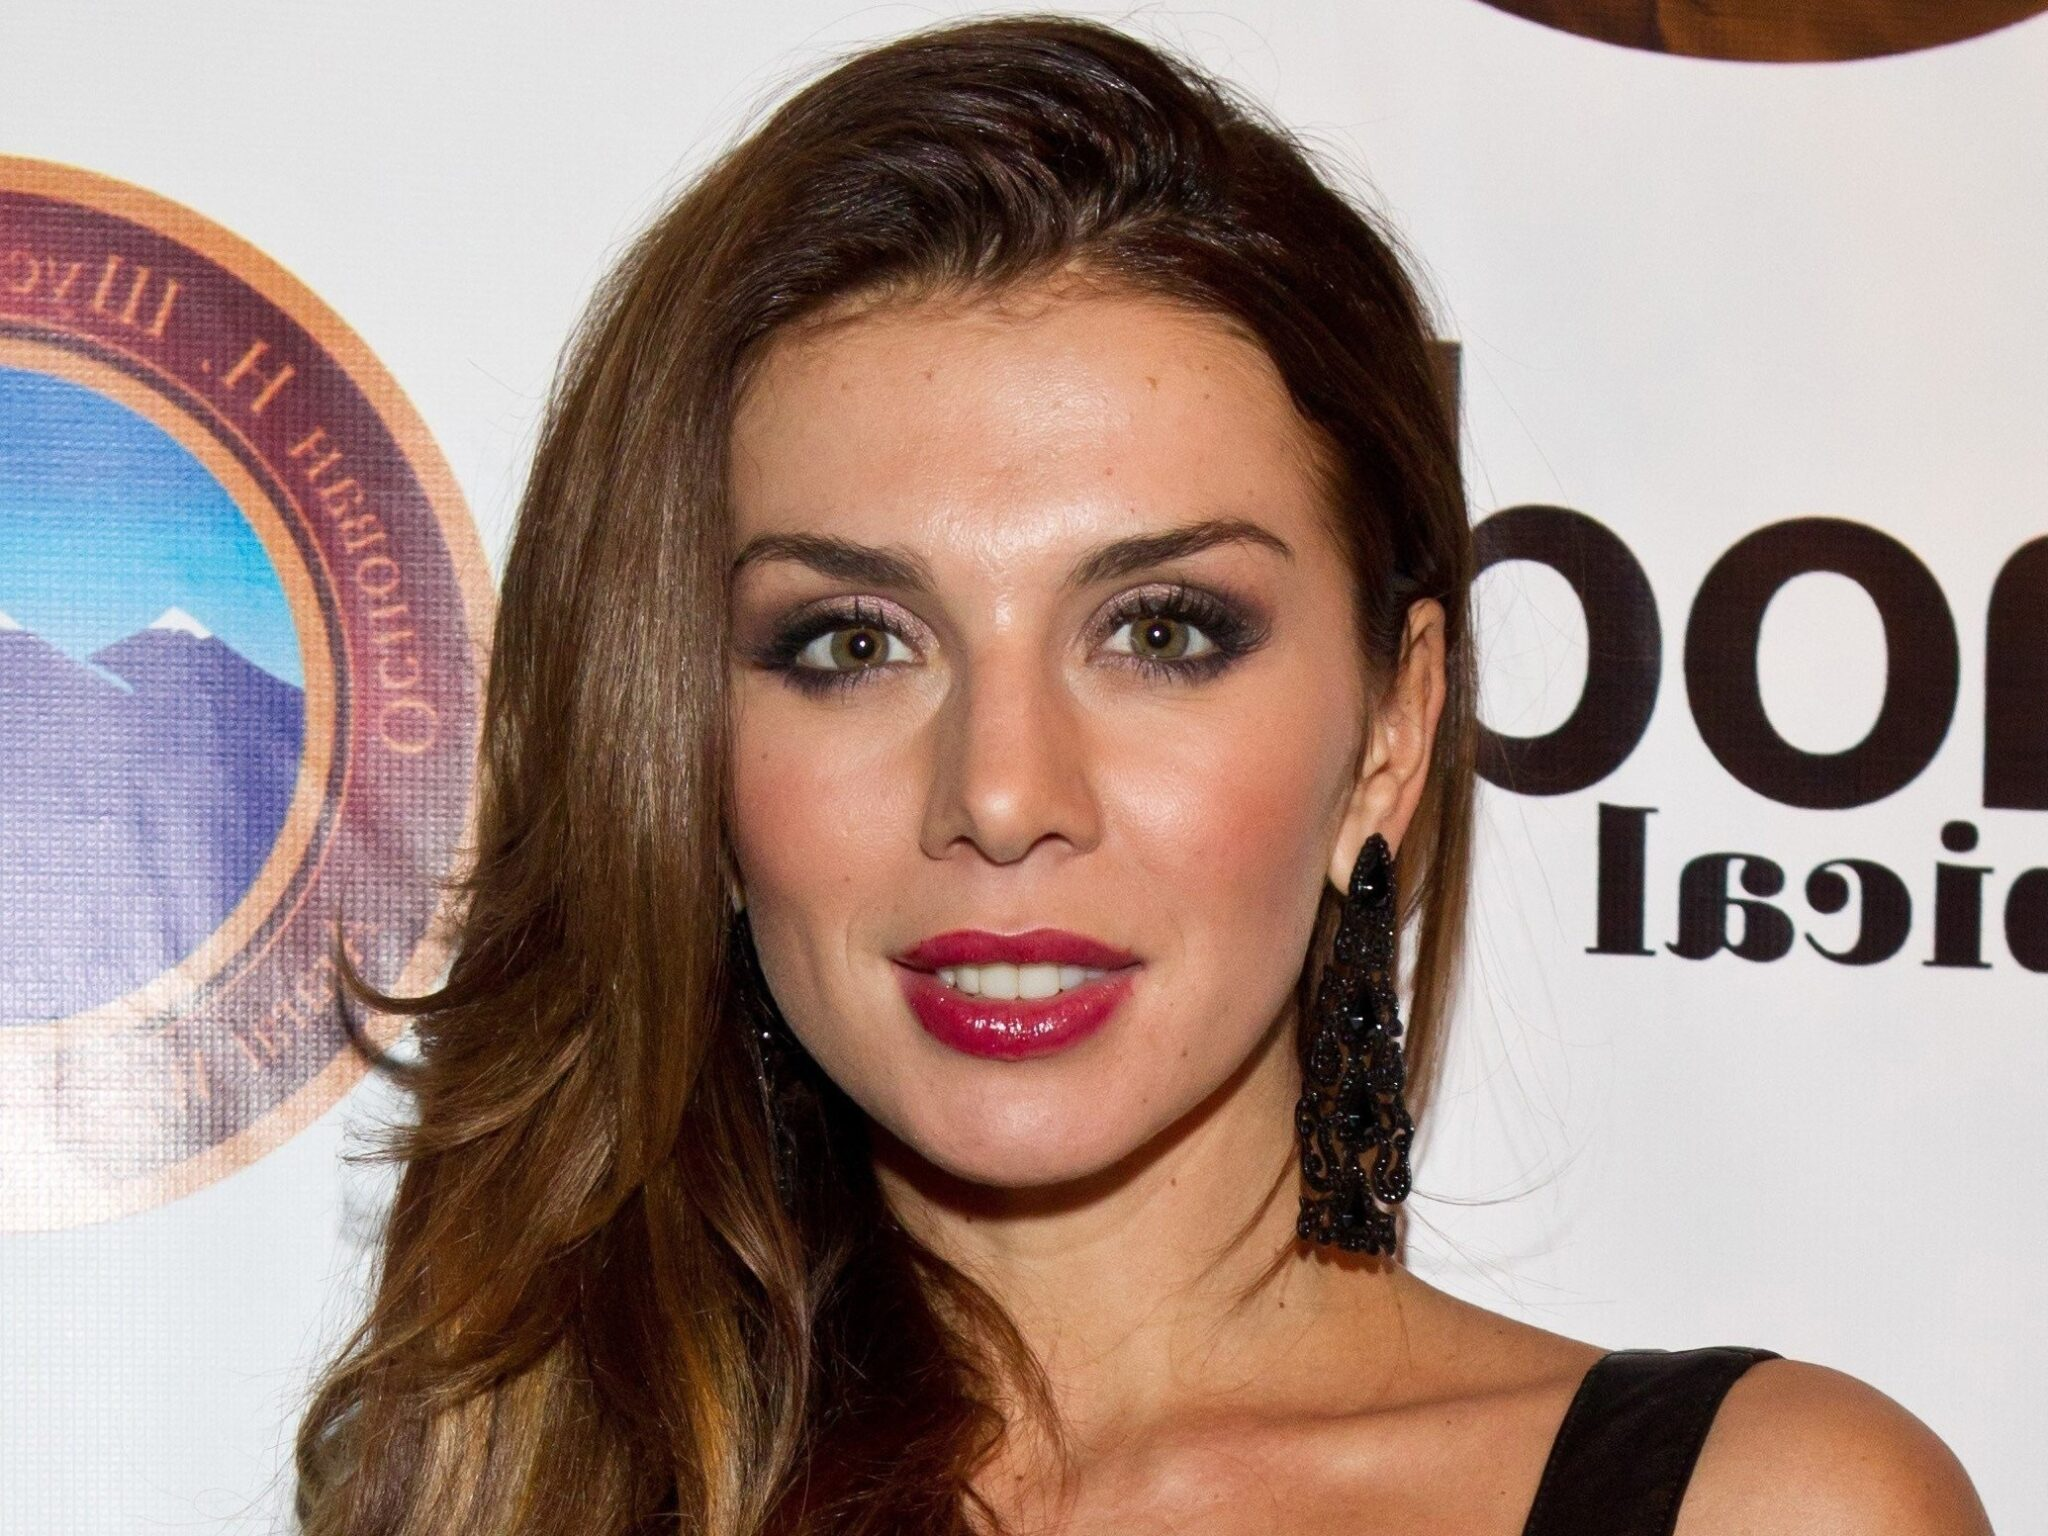 Анна Седокова: с кем встречается сейчас, личная жизнь, сколько было браков